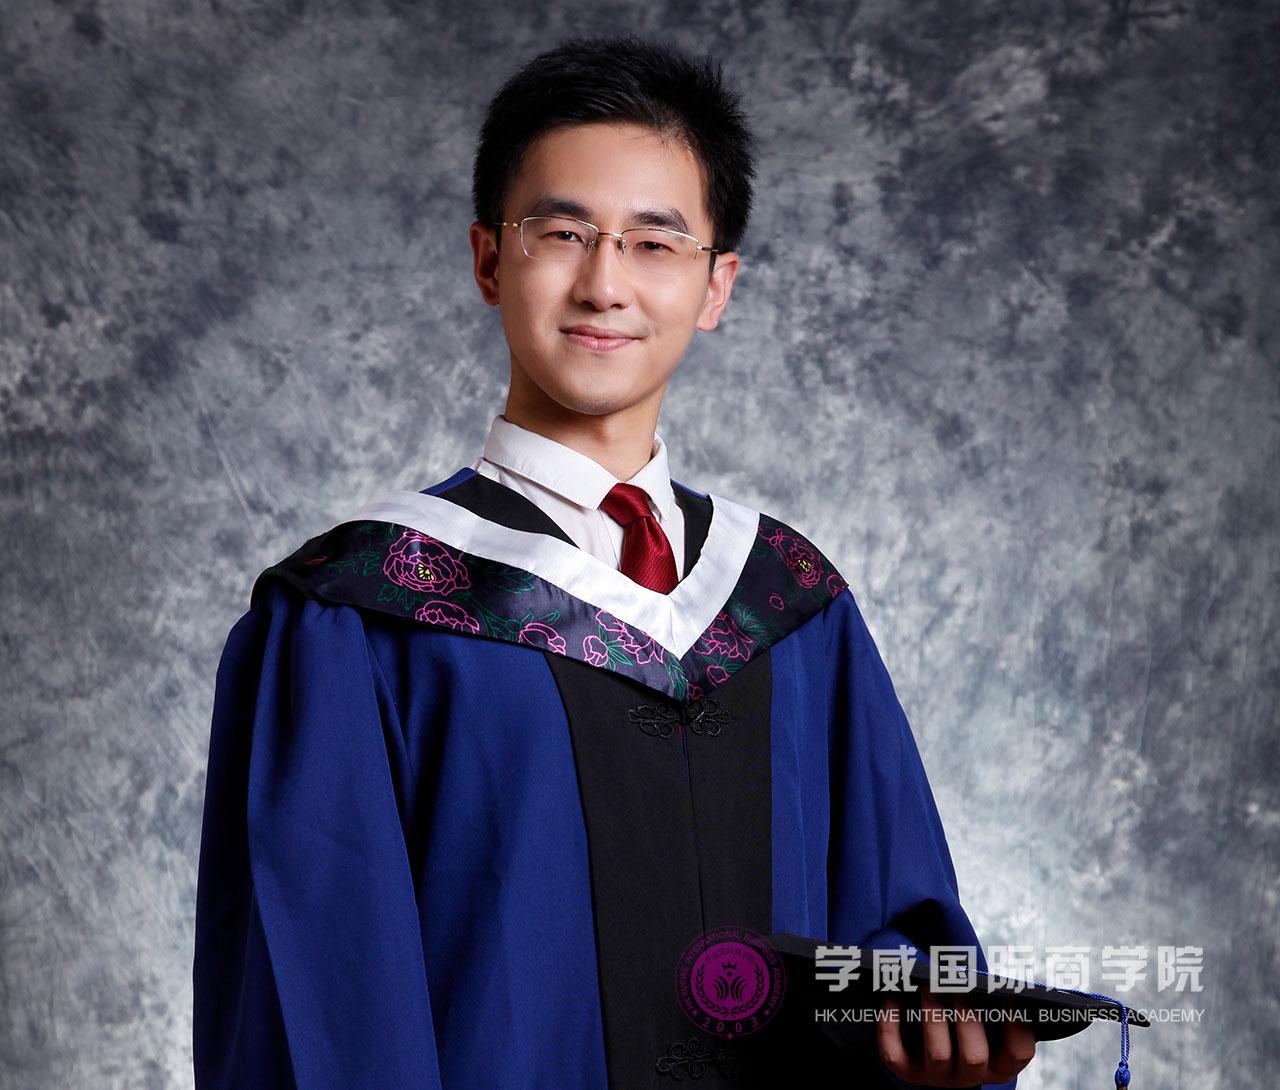 徐黄杰毕业照